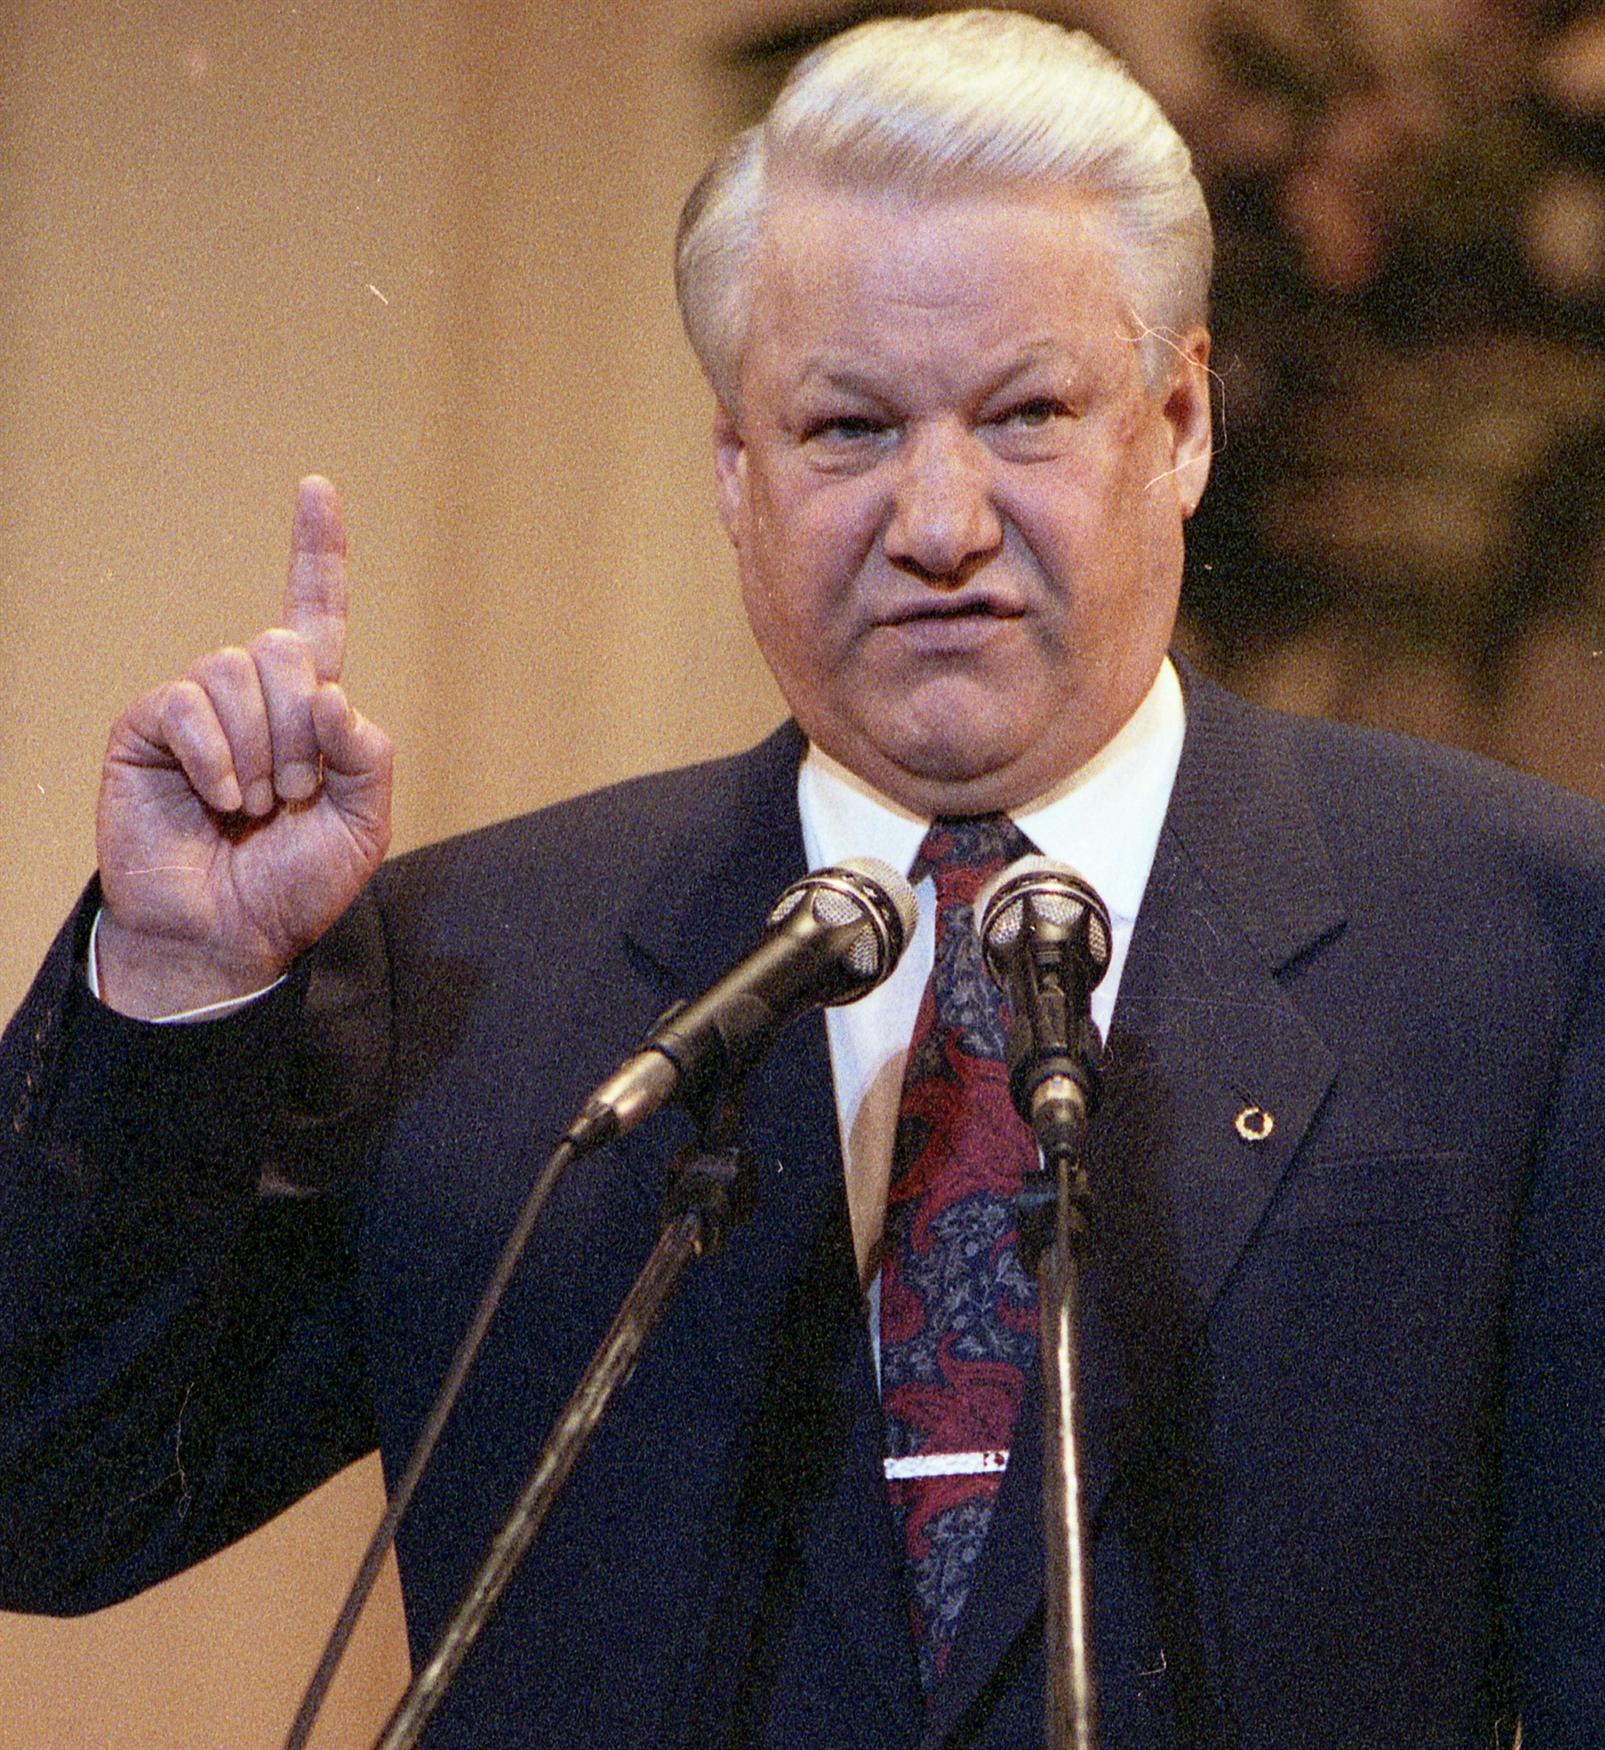 Ельцин картинки смешные, открытки